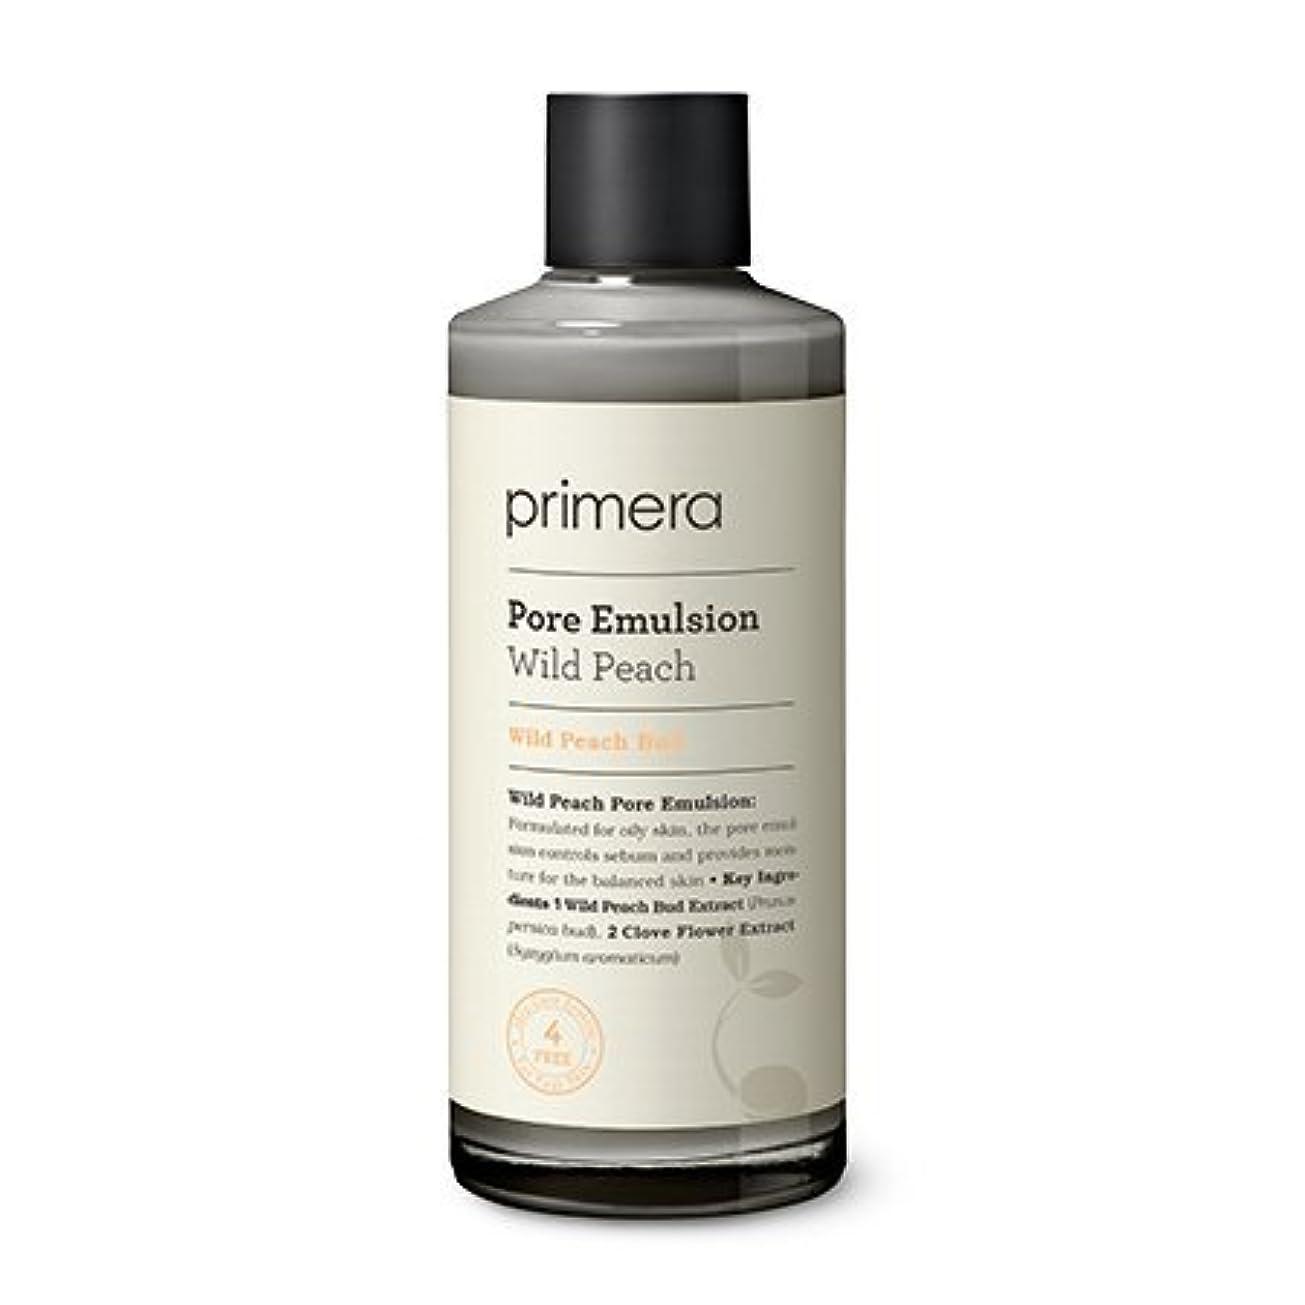 ギャラリー軽減南方の【Primera】Wild Peach Pore Emulsion - 150ml (韓国直送品) (SHOPPINGINSTAGRAM)